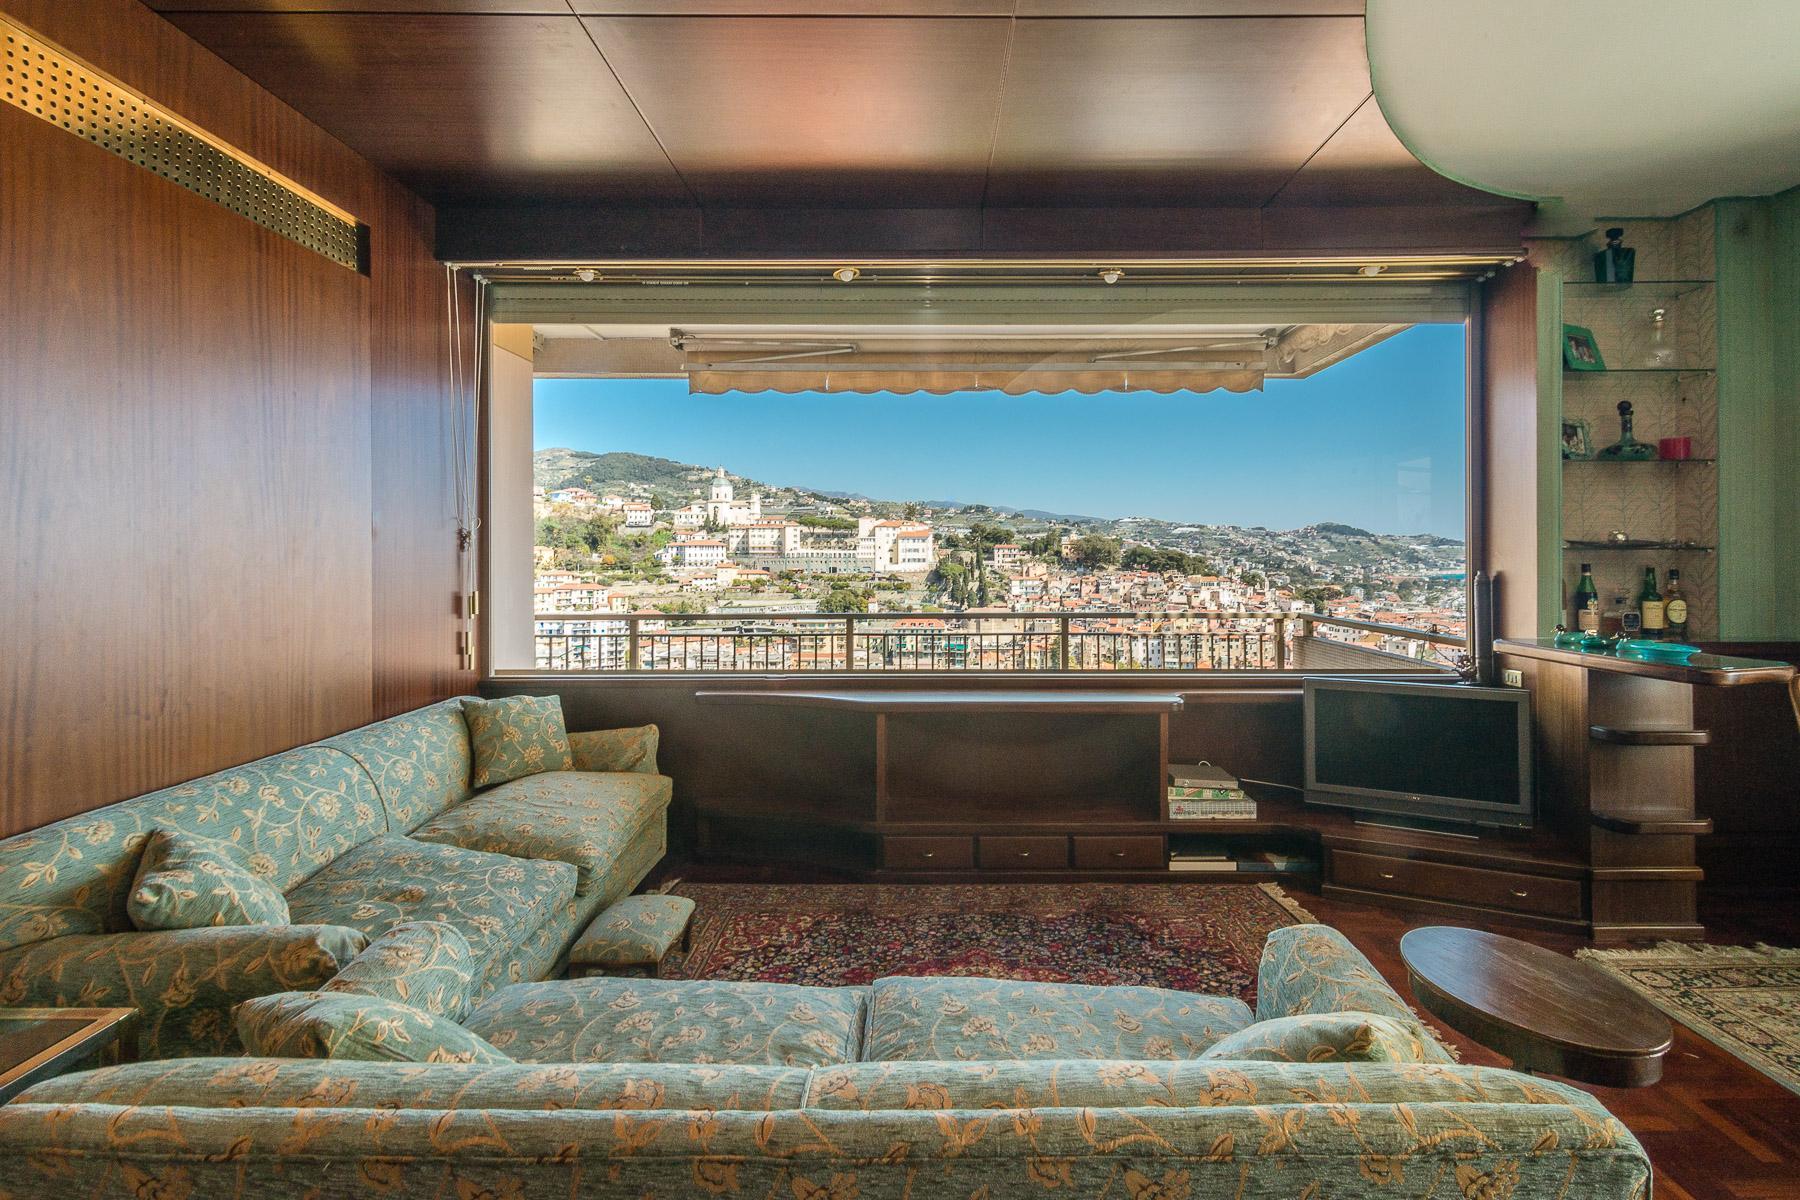 Appartement panoramique avec terrasse d'environ 80 mq - 11